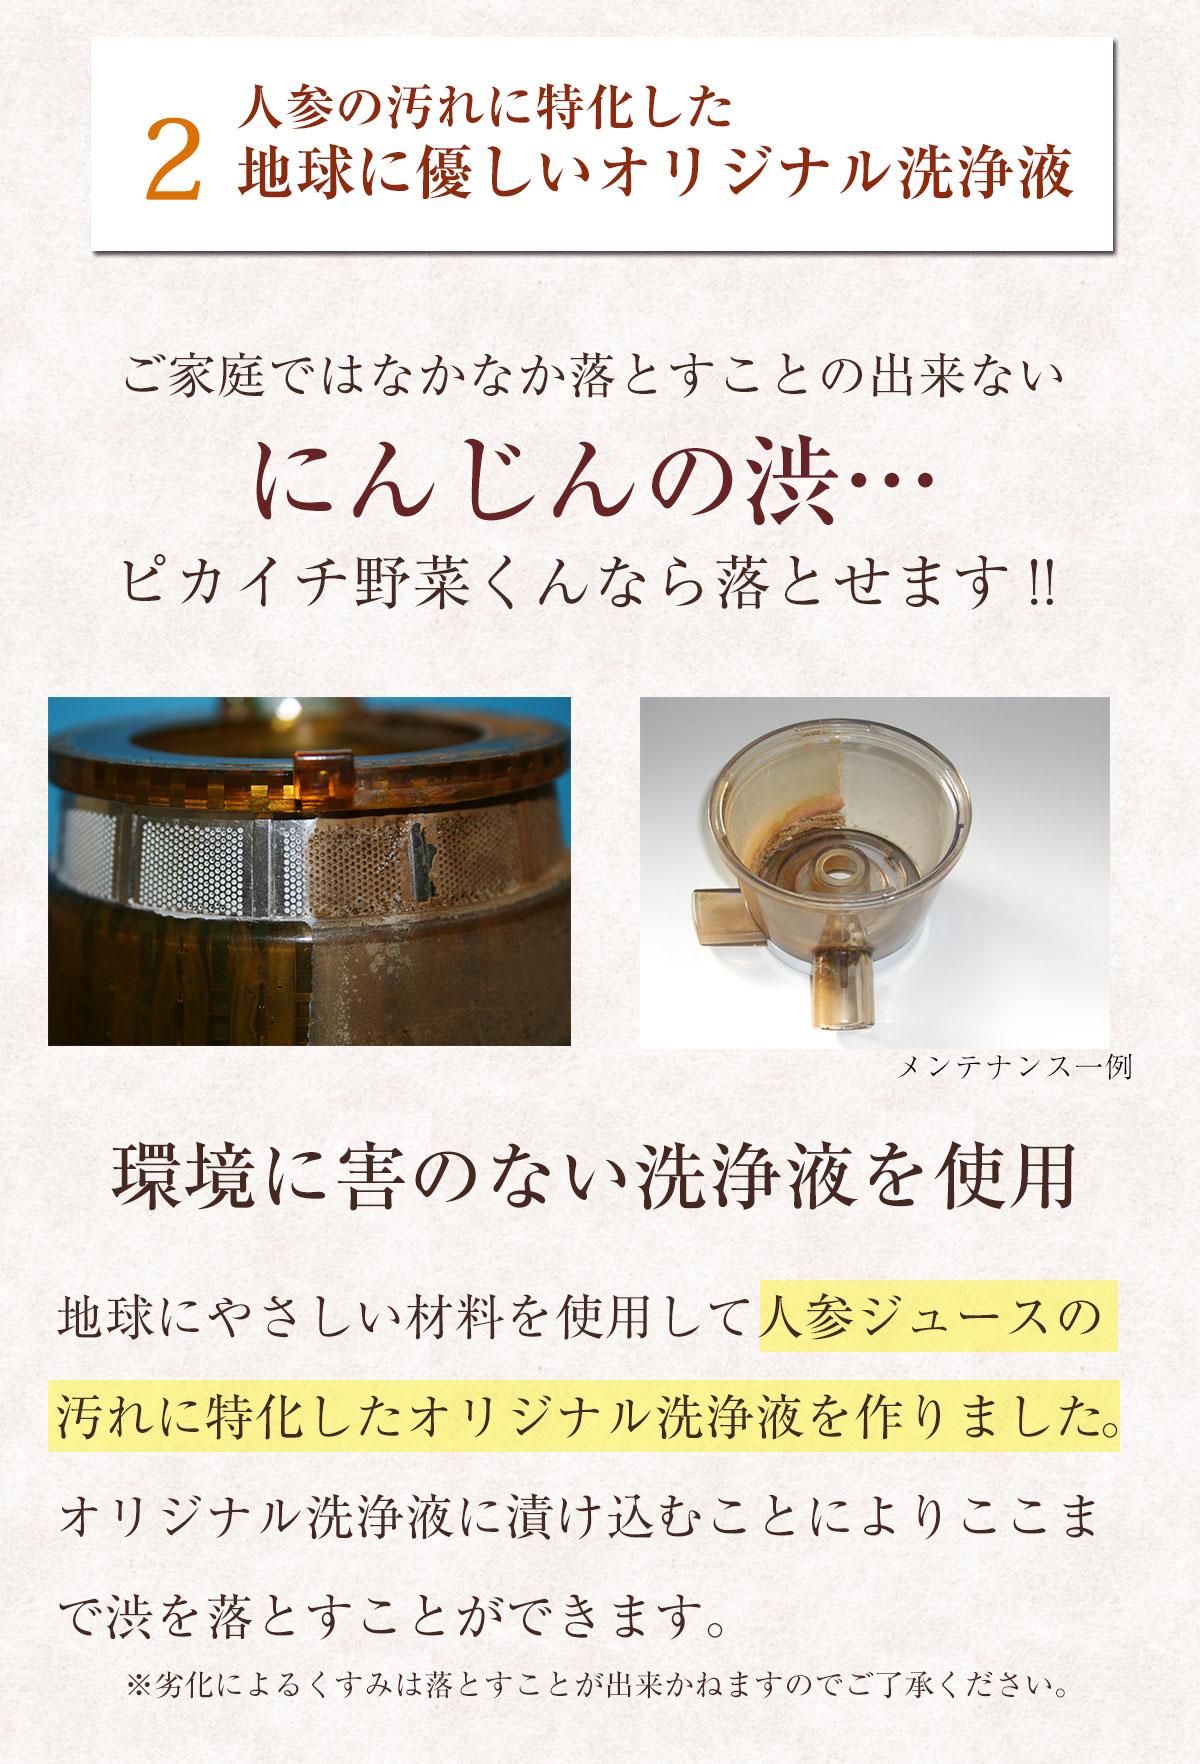 人参の汚れに特化した地球に優しいオリジナル洗浄液